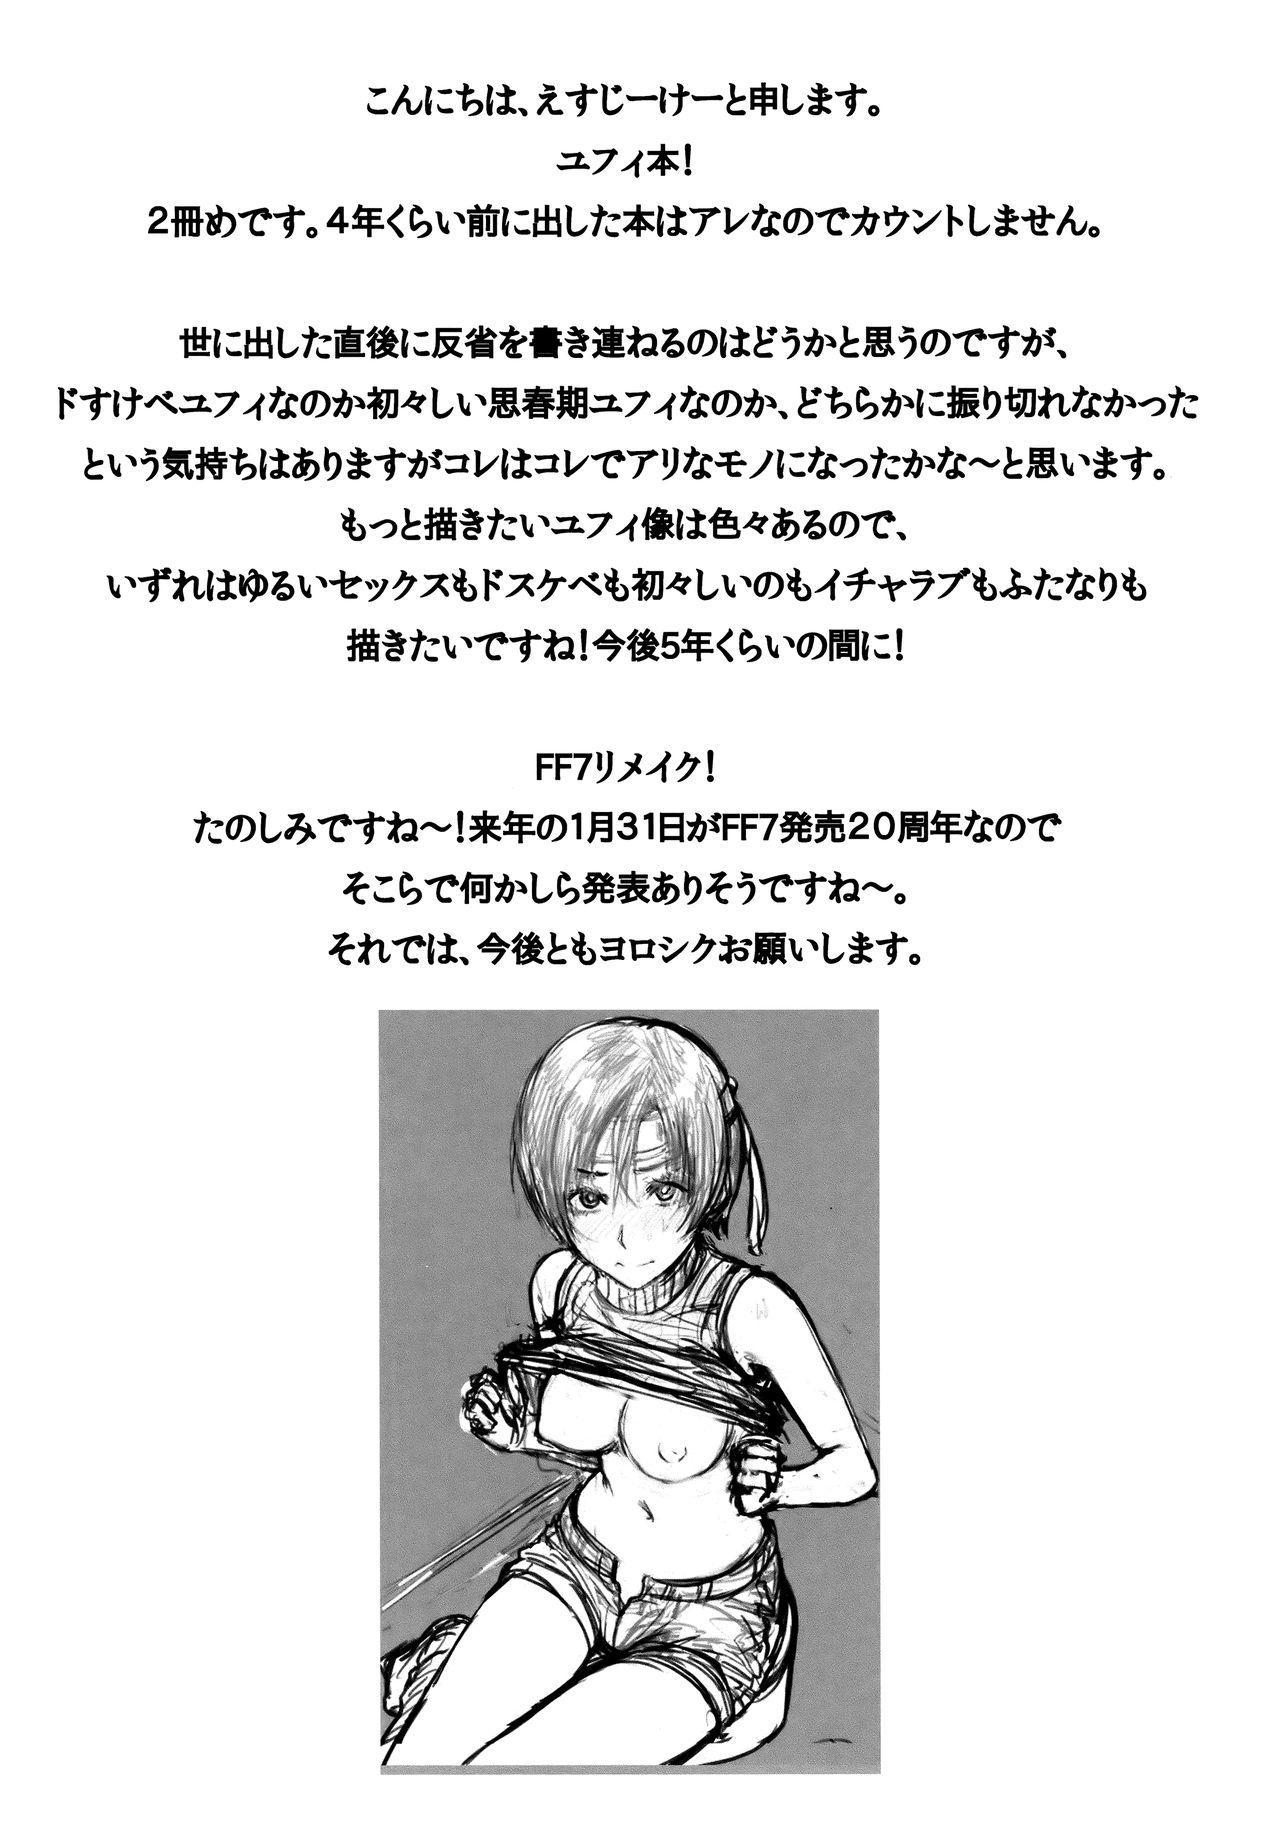 Shinobi no Musume wa Ijiritai Zakari 2 31